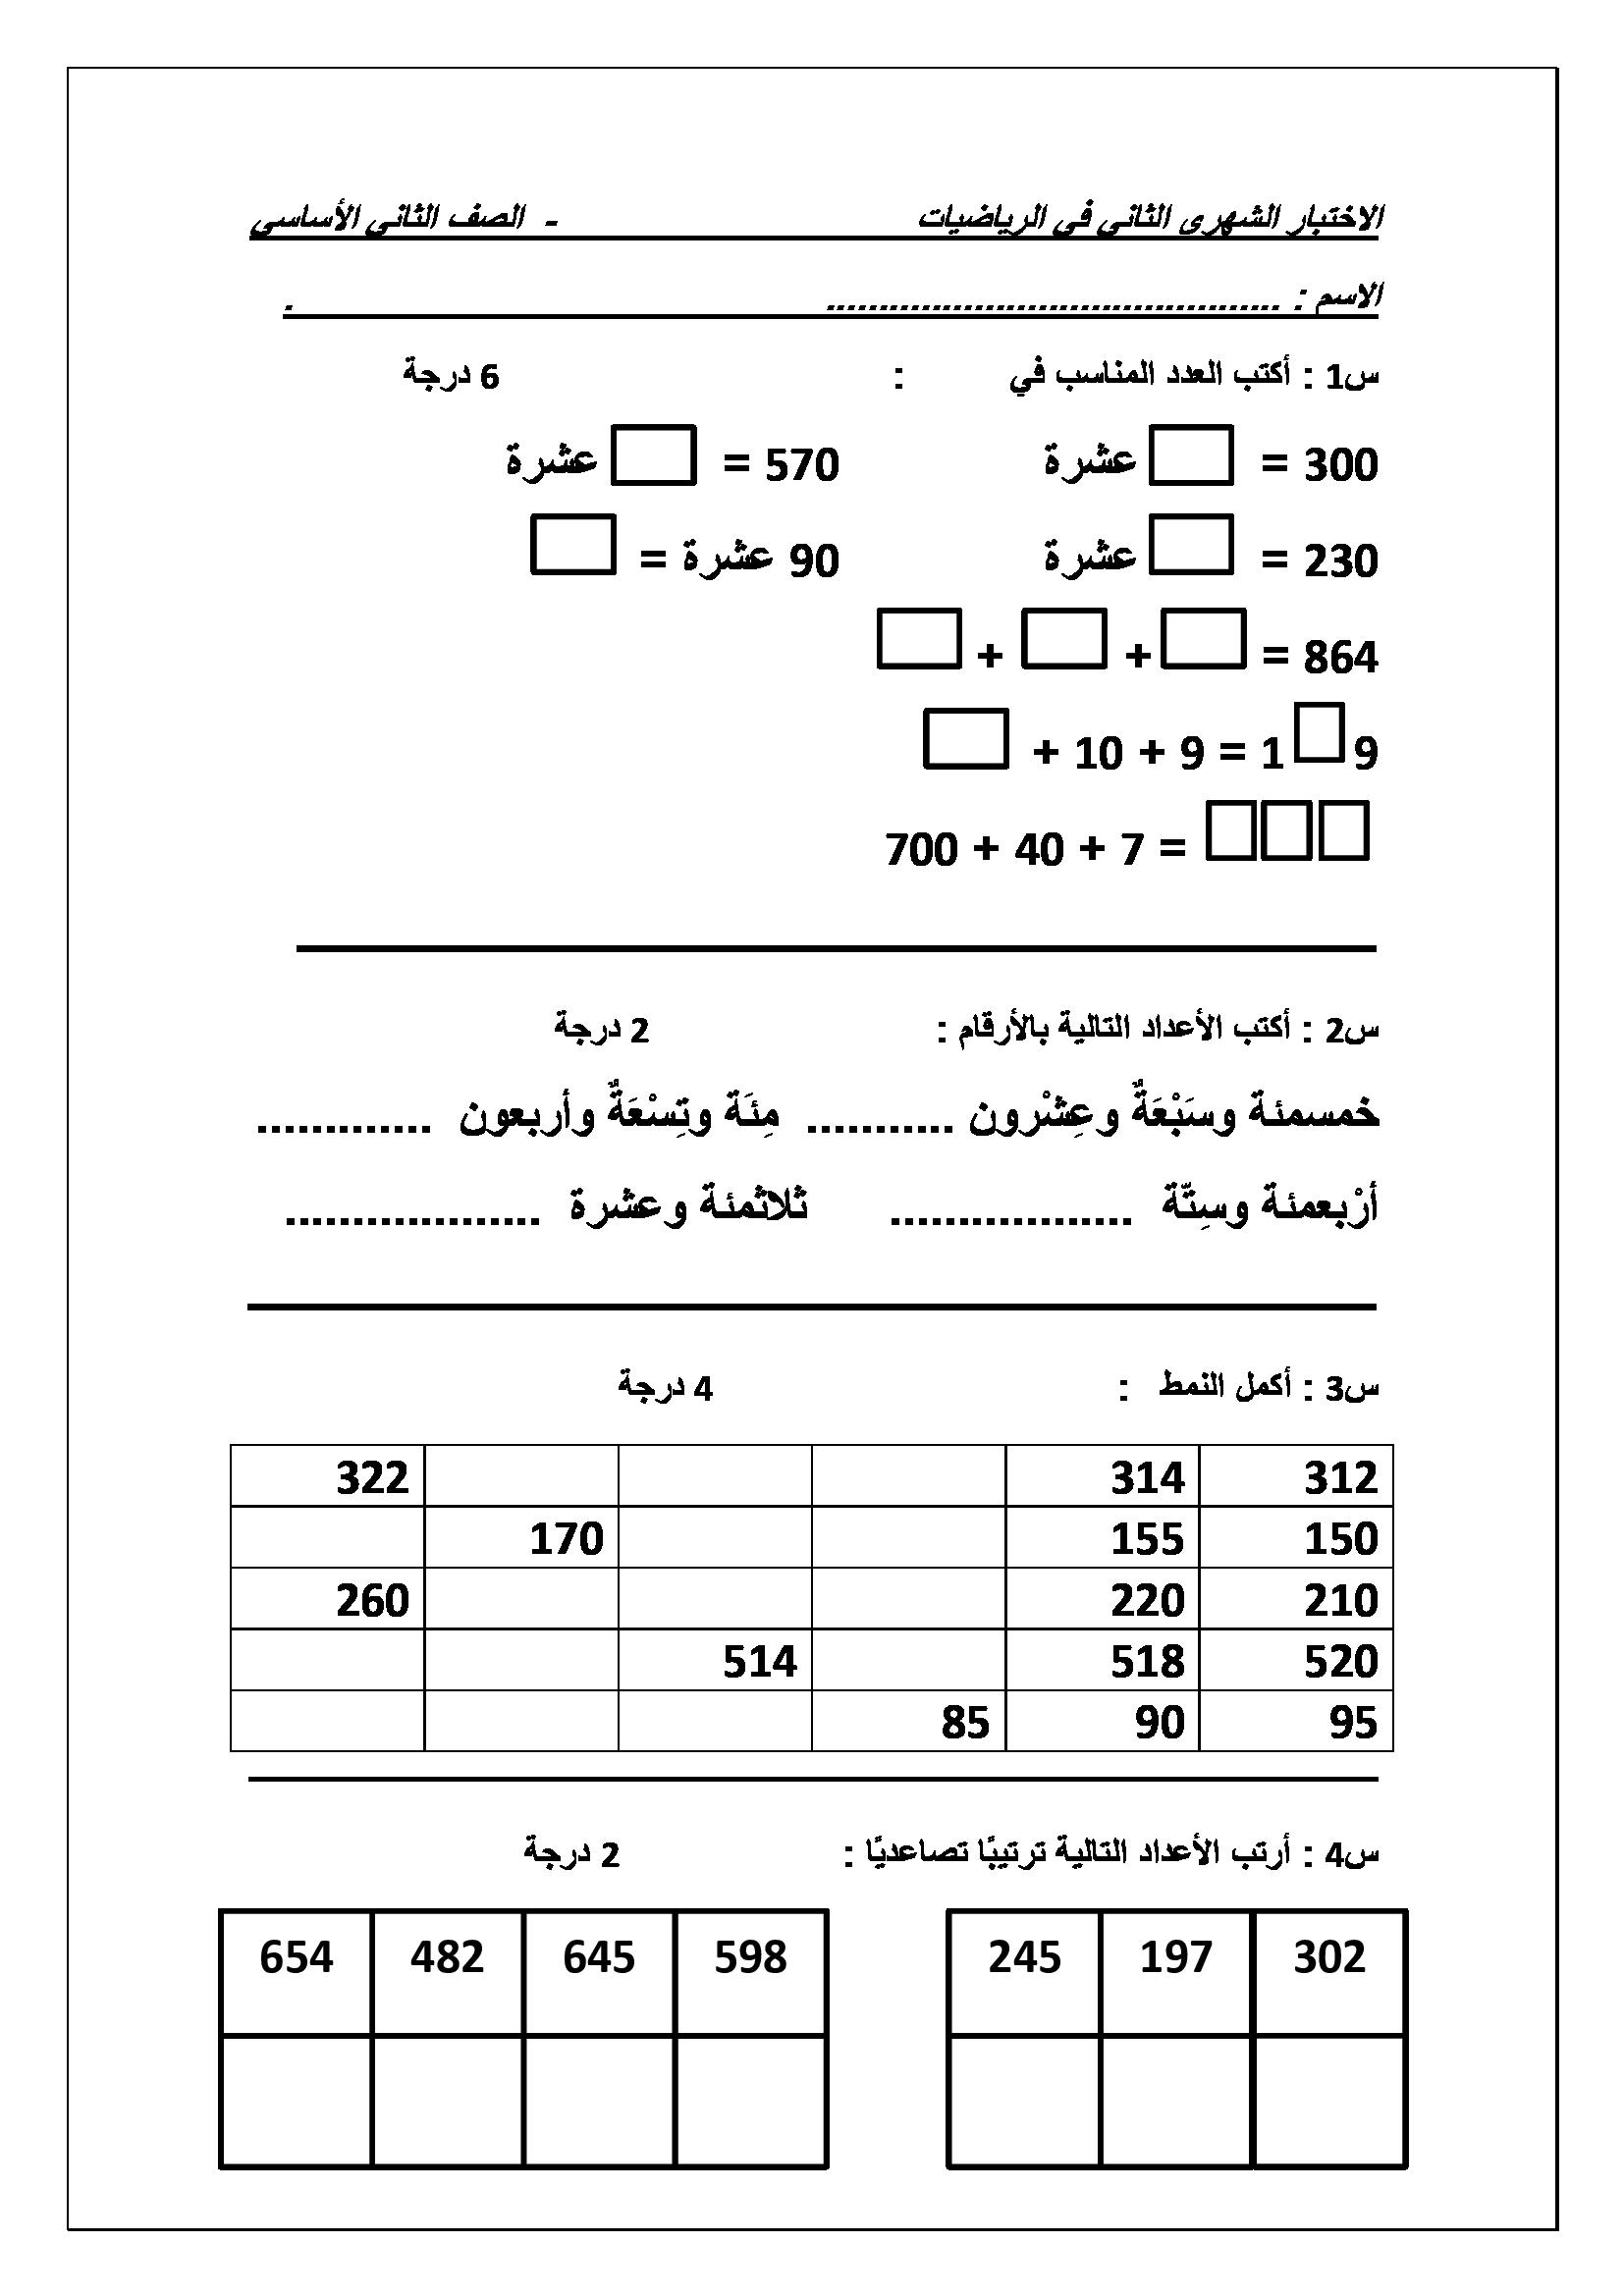 اختبار الشهر الثاني لمادة الرياضيات للصف الثاني الفصل الاول 2017